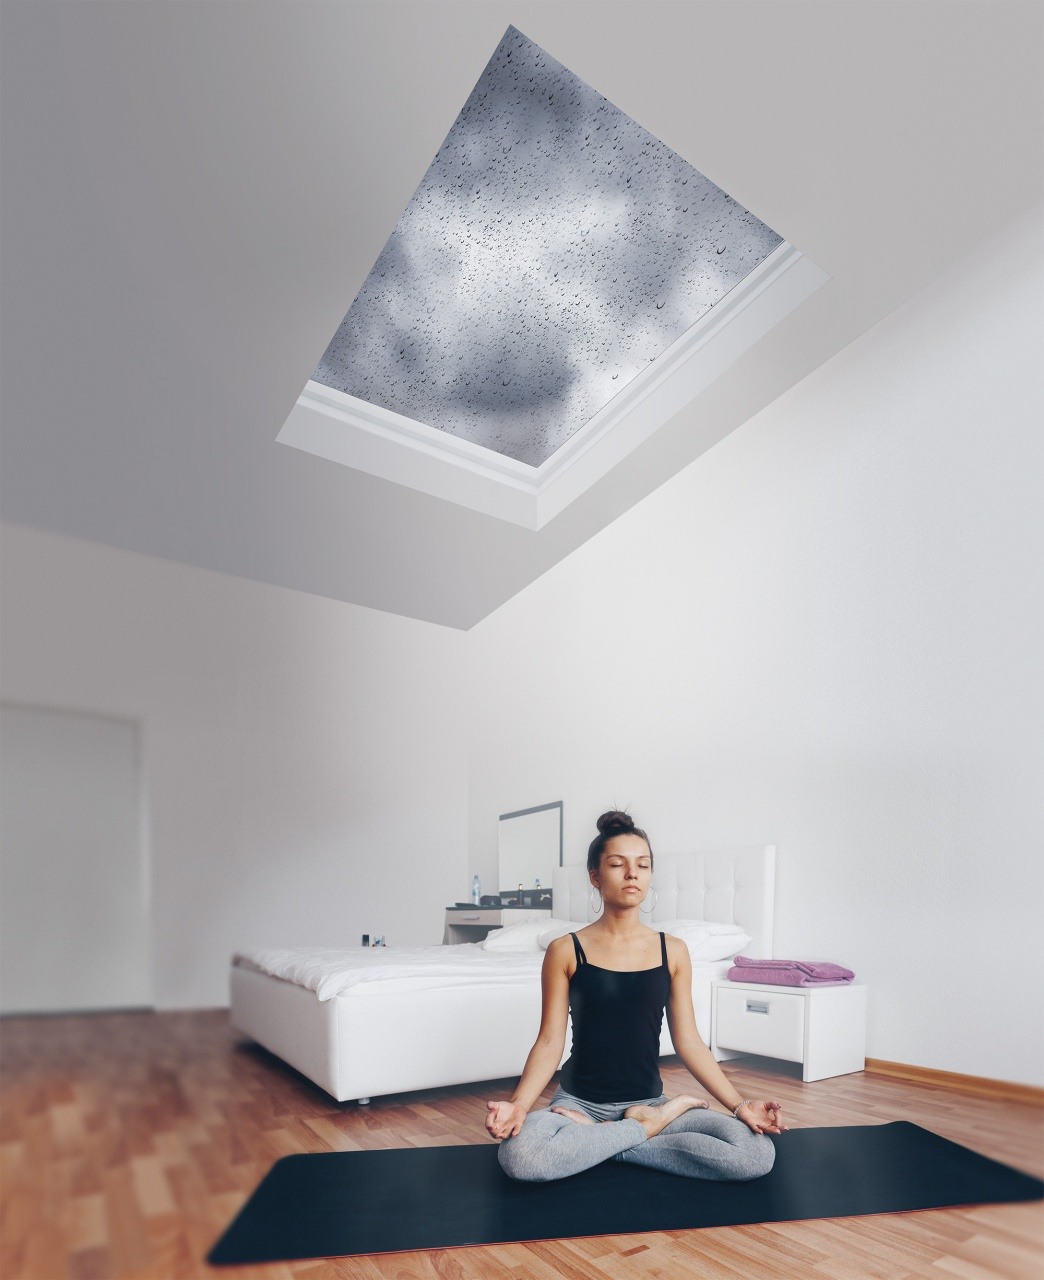 Okno FAKRO do płaskiego dachu wnętrze pokoju